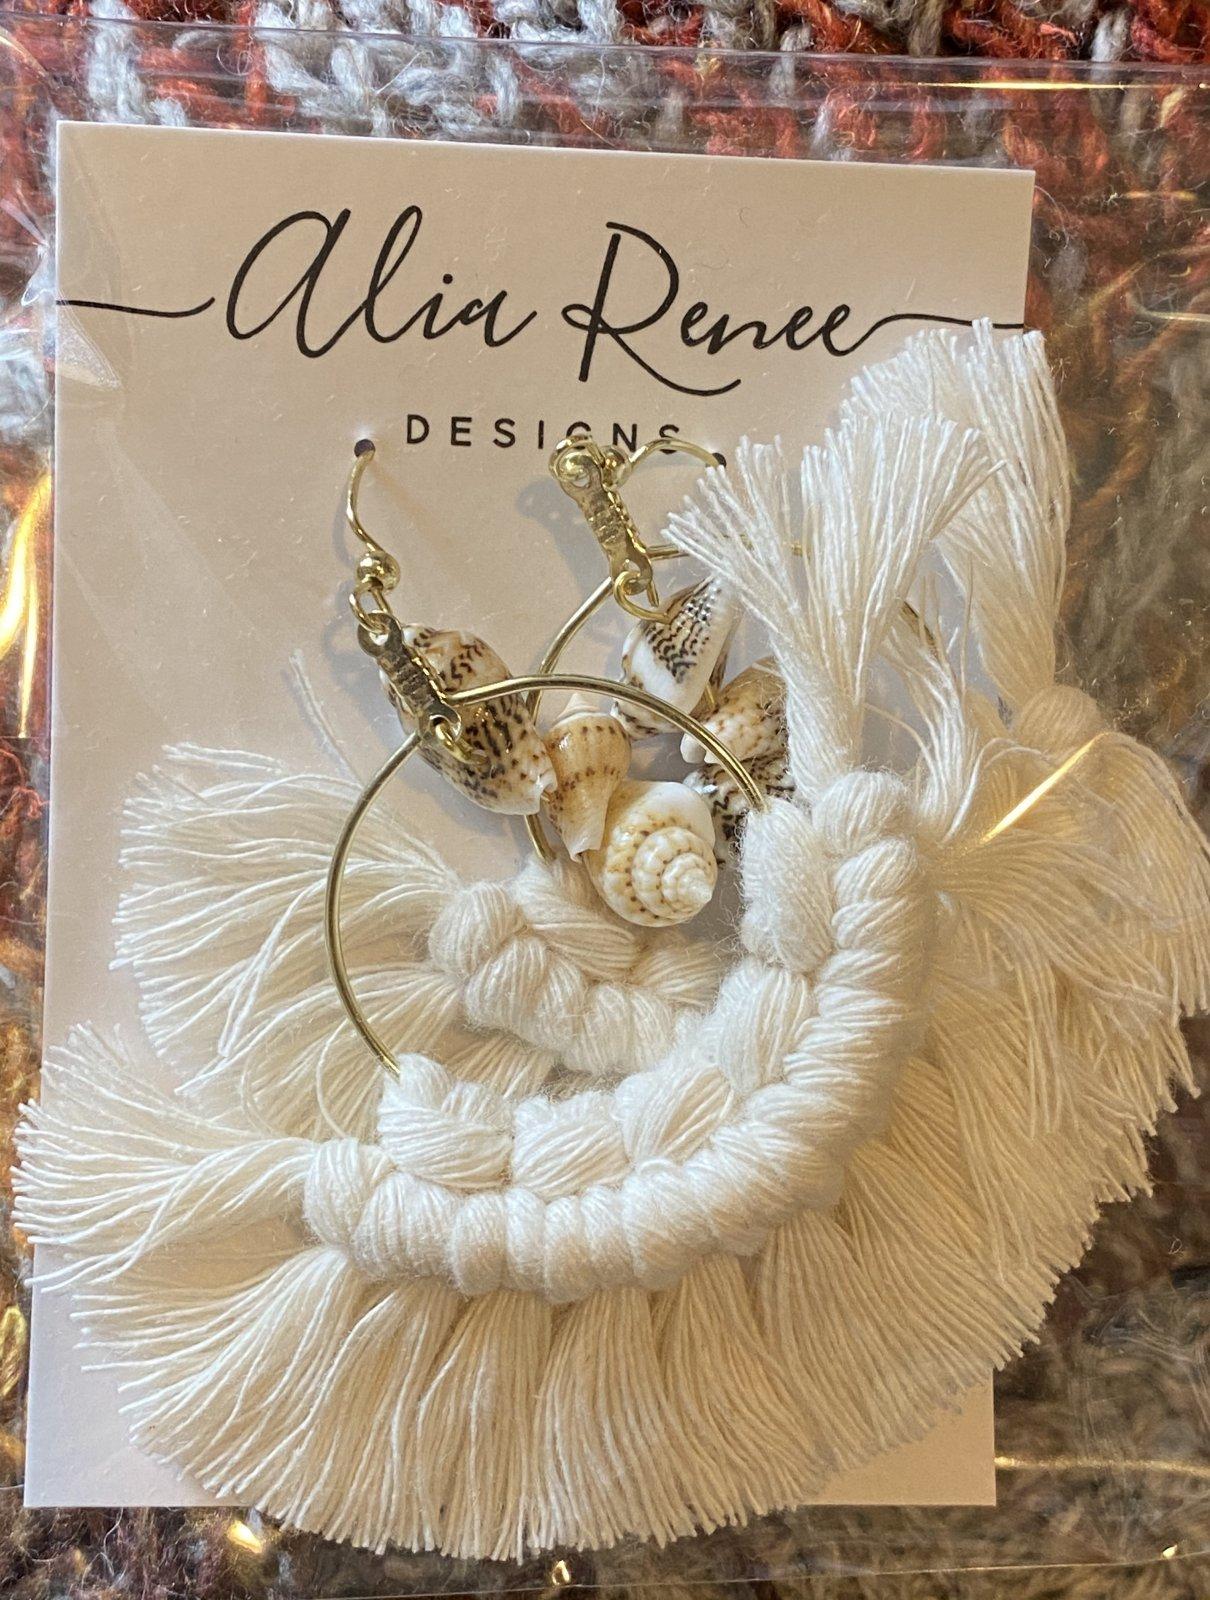 Shelly Hoop-Alia Renee Designs